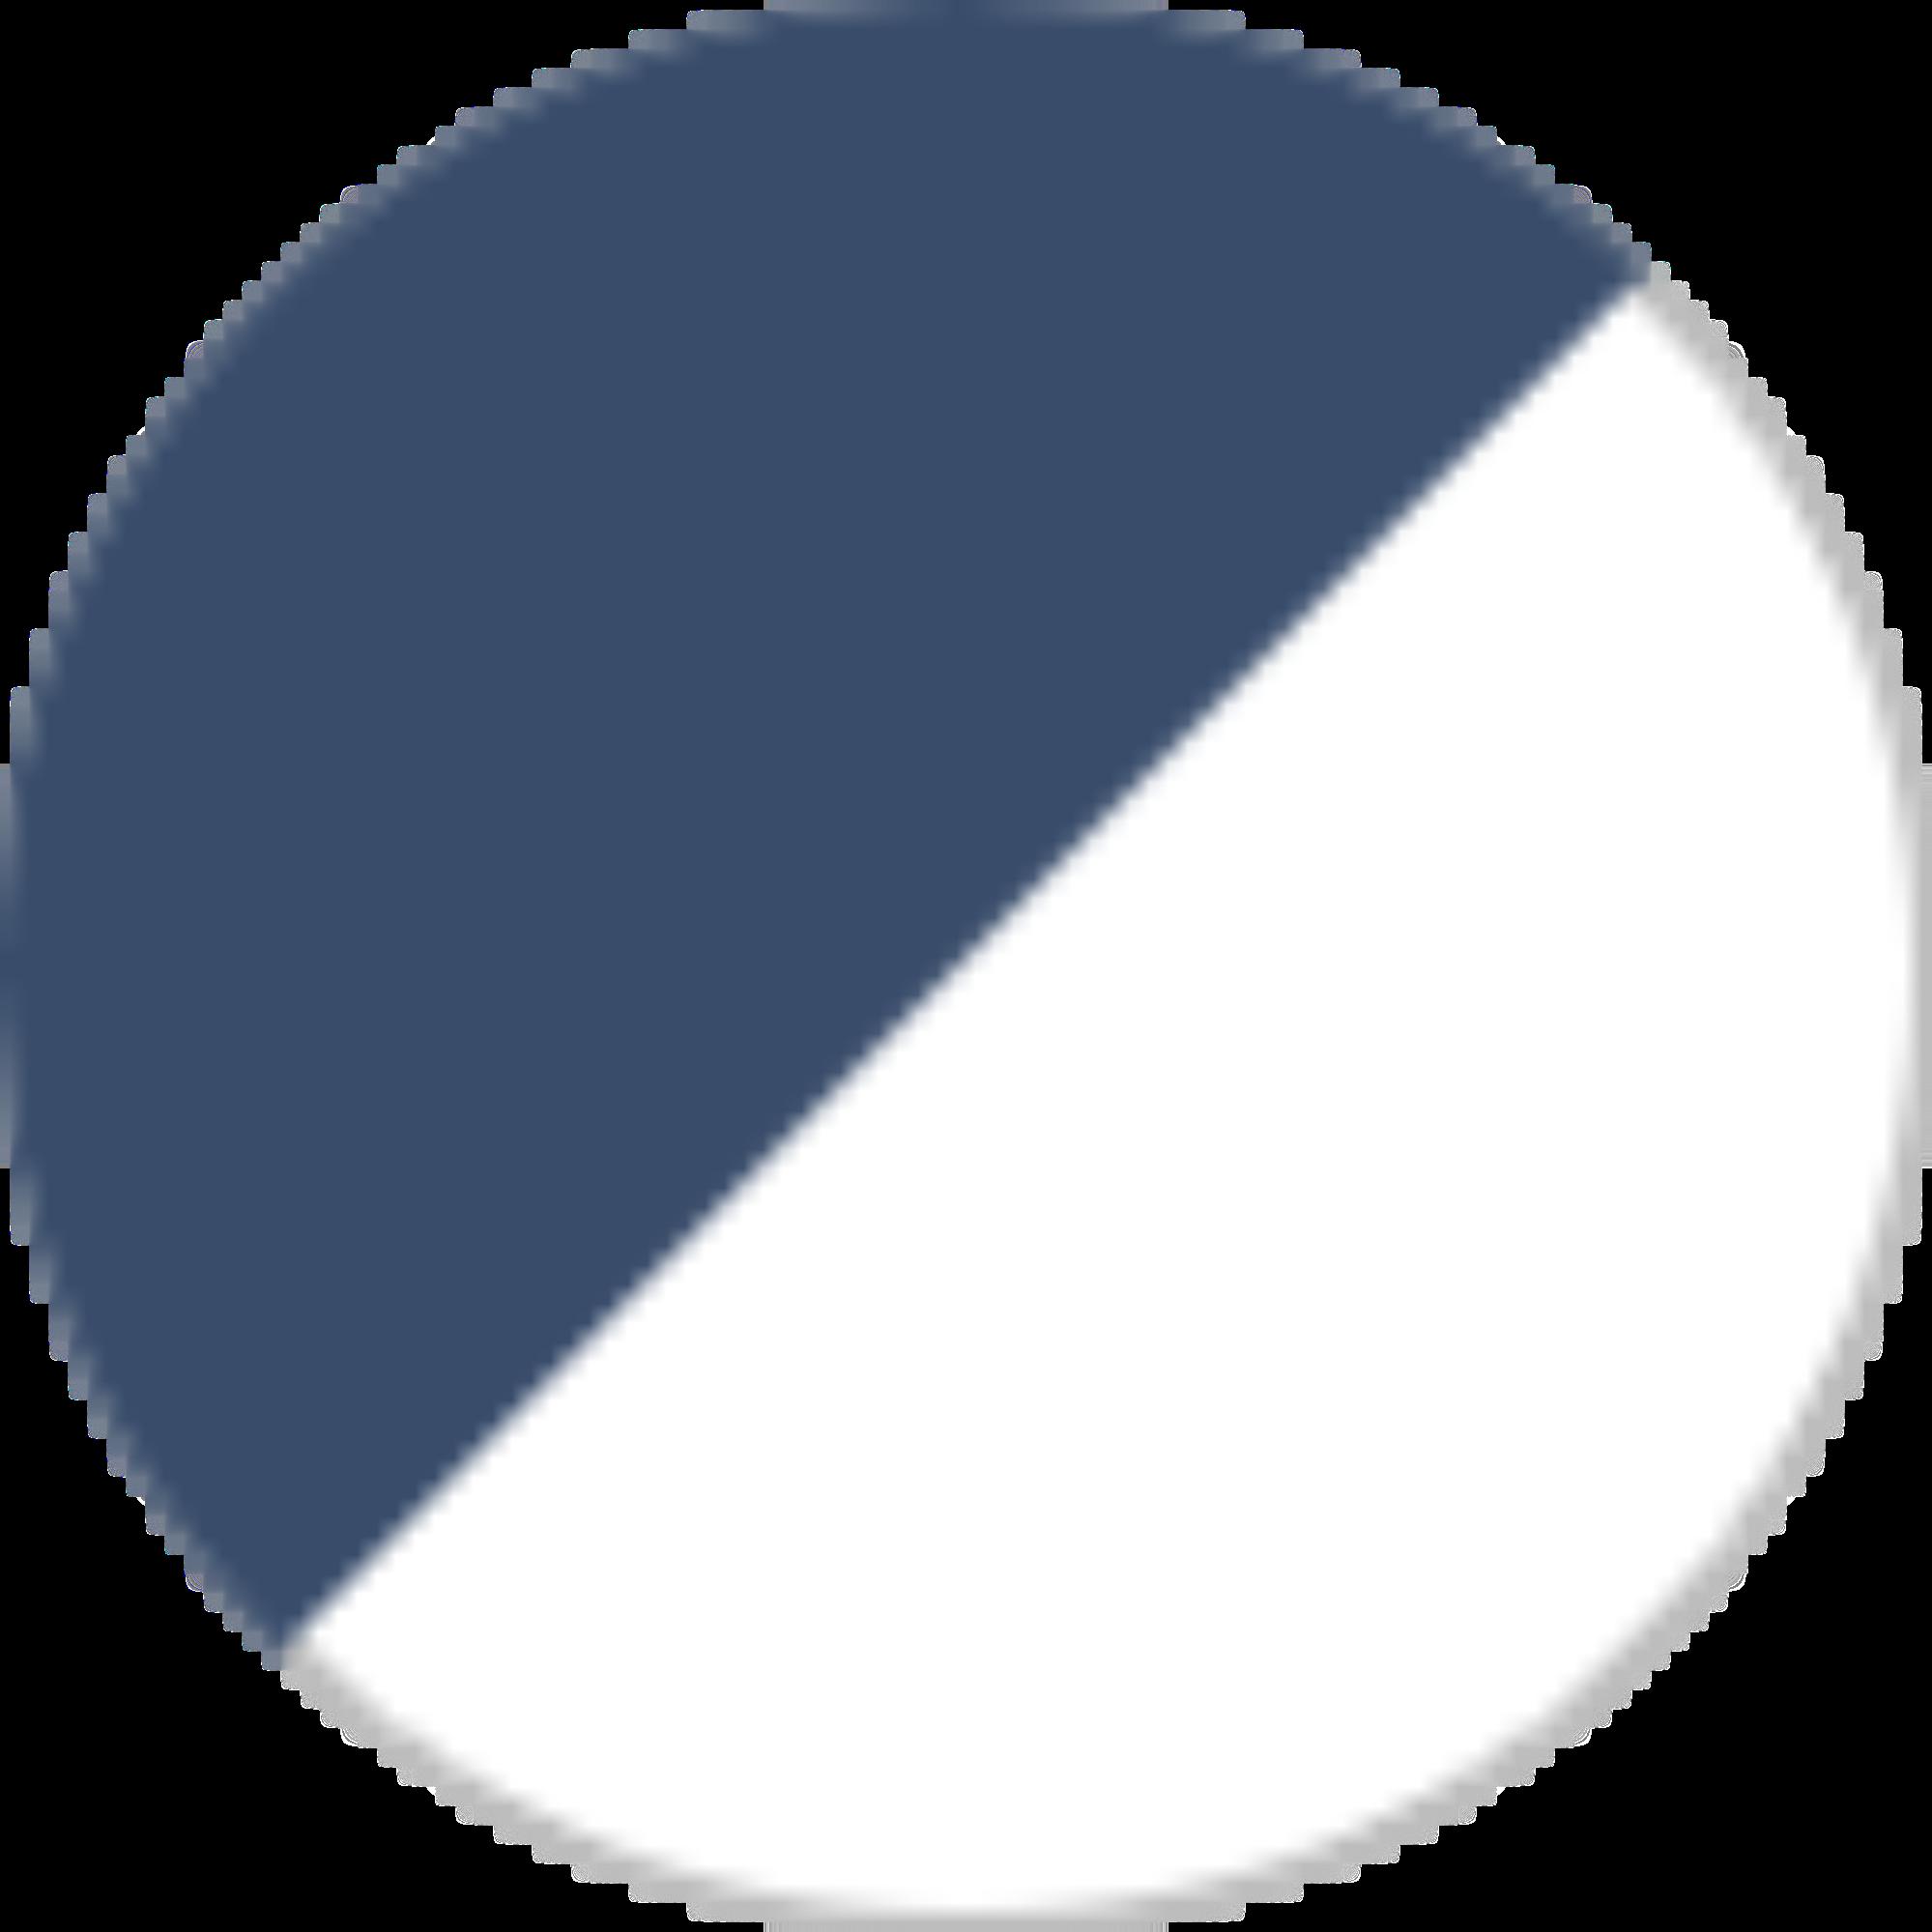 프로젝트프로덕트 - AUCC2 C0